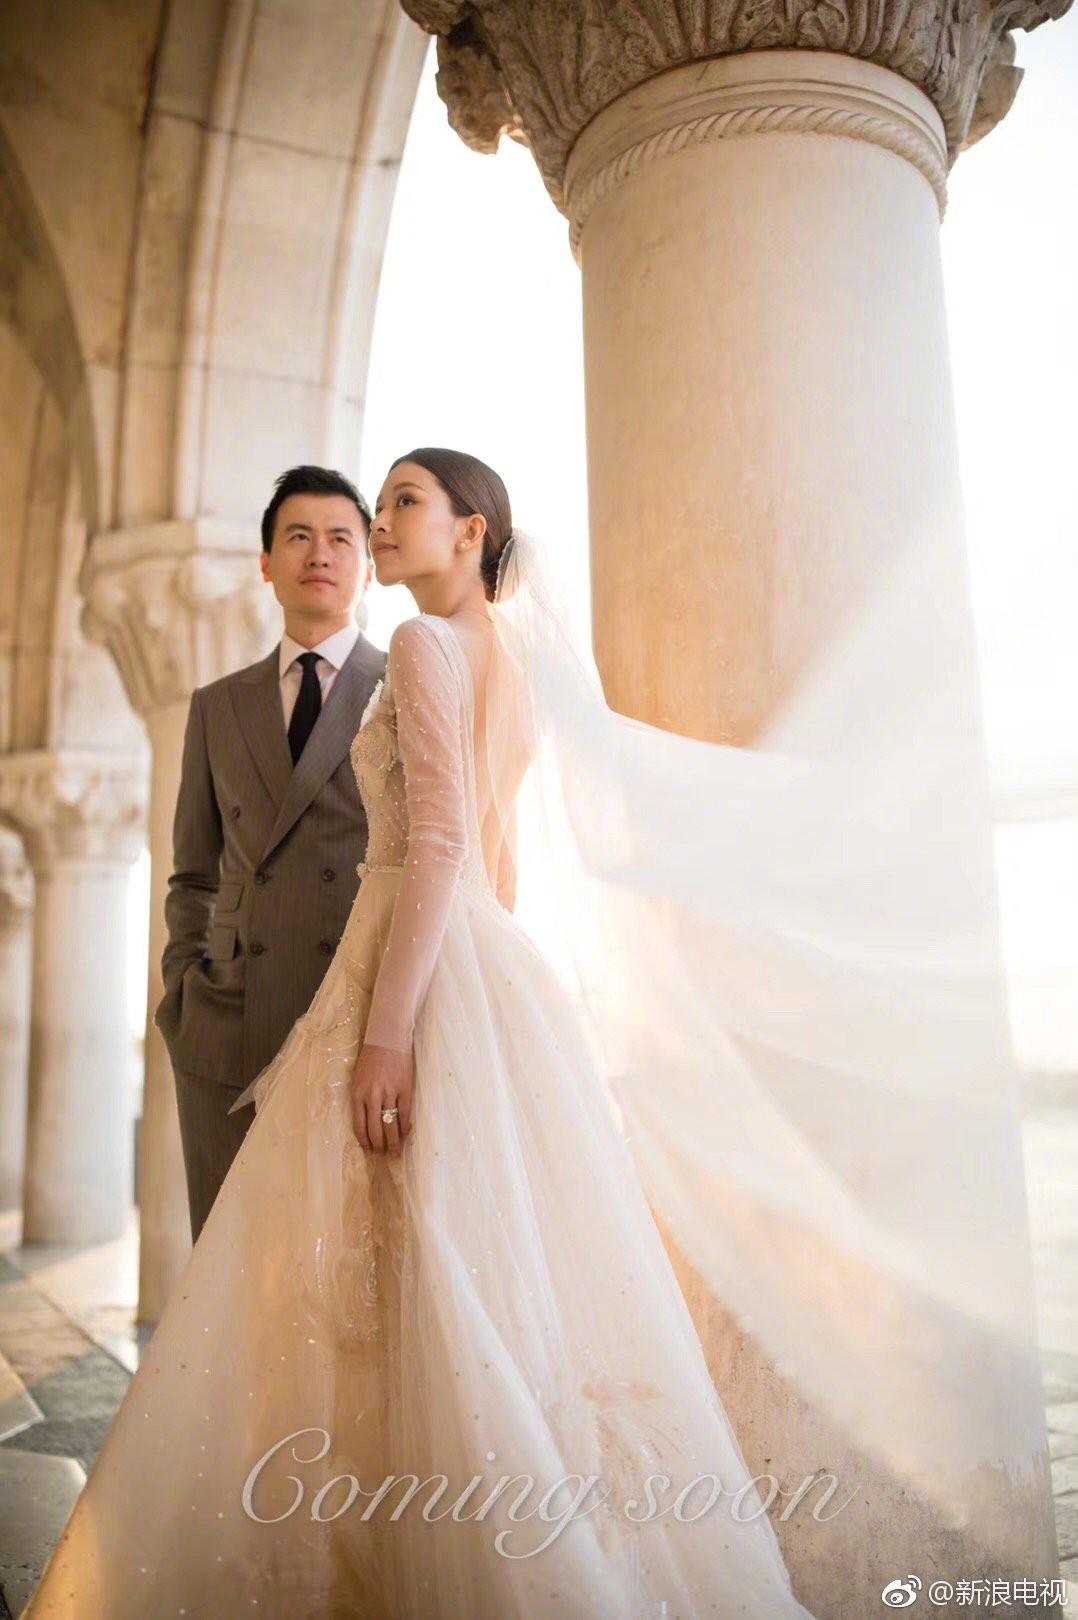 """""""Thần tiên tỷ tỷ"""" lộ ảnh cưới đẹp như cổ tích, chuẩn bị kết hôn với bạn trai giàu có vào tháng 10 năm nay? - Ảnh 7."""